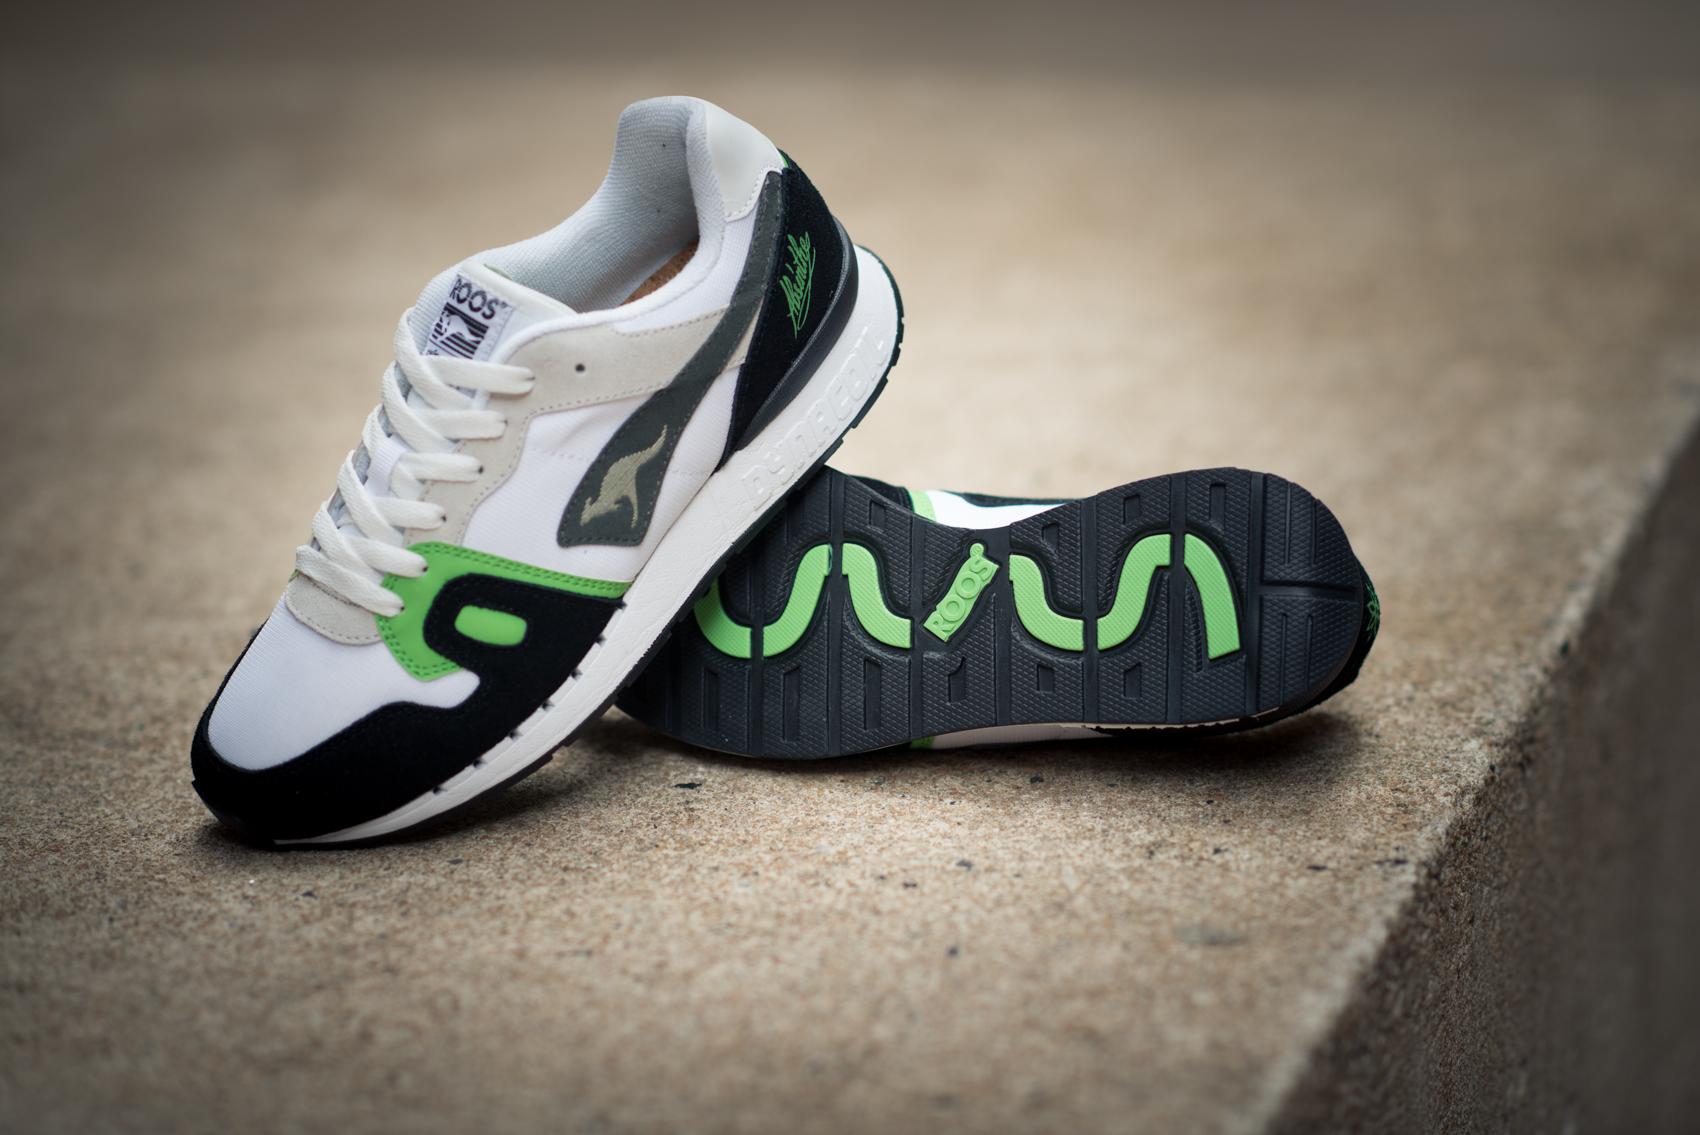 Kangaroos X Sneakers Absinthe2